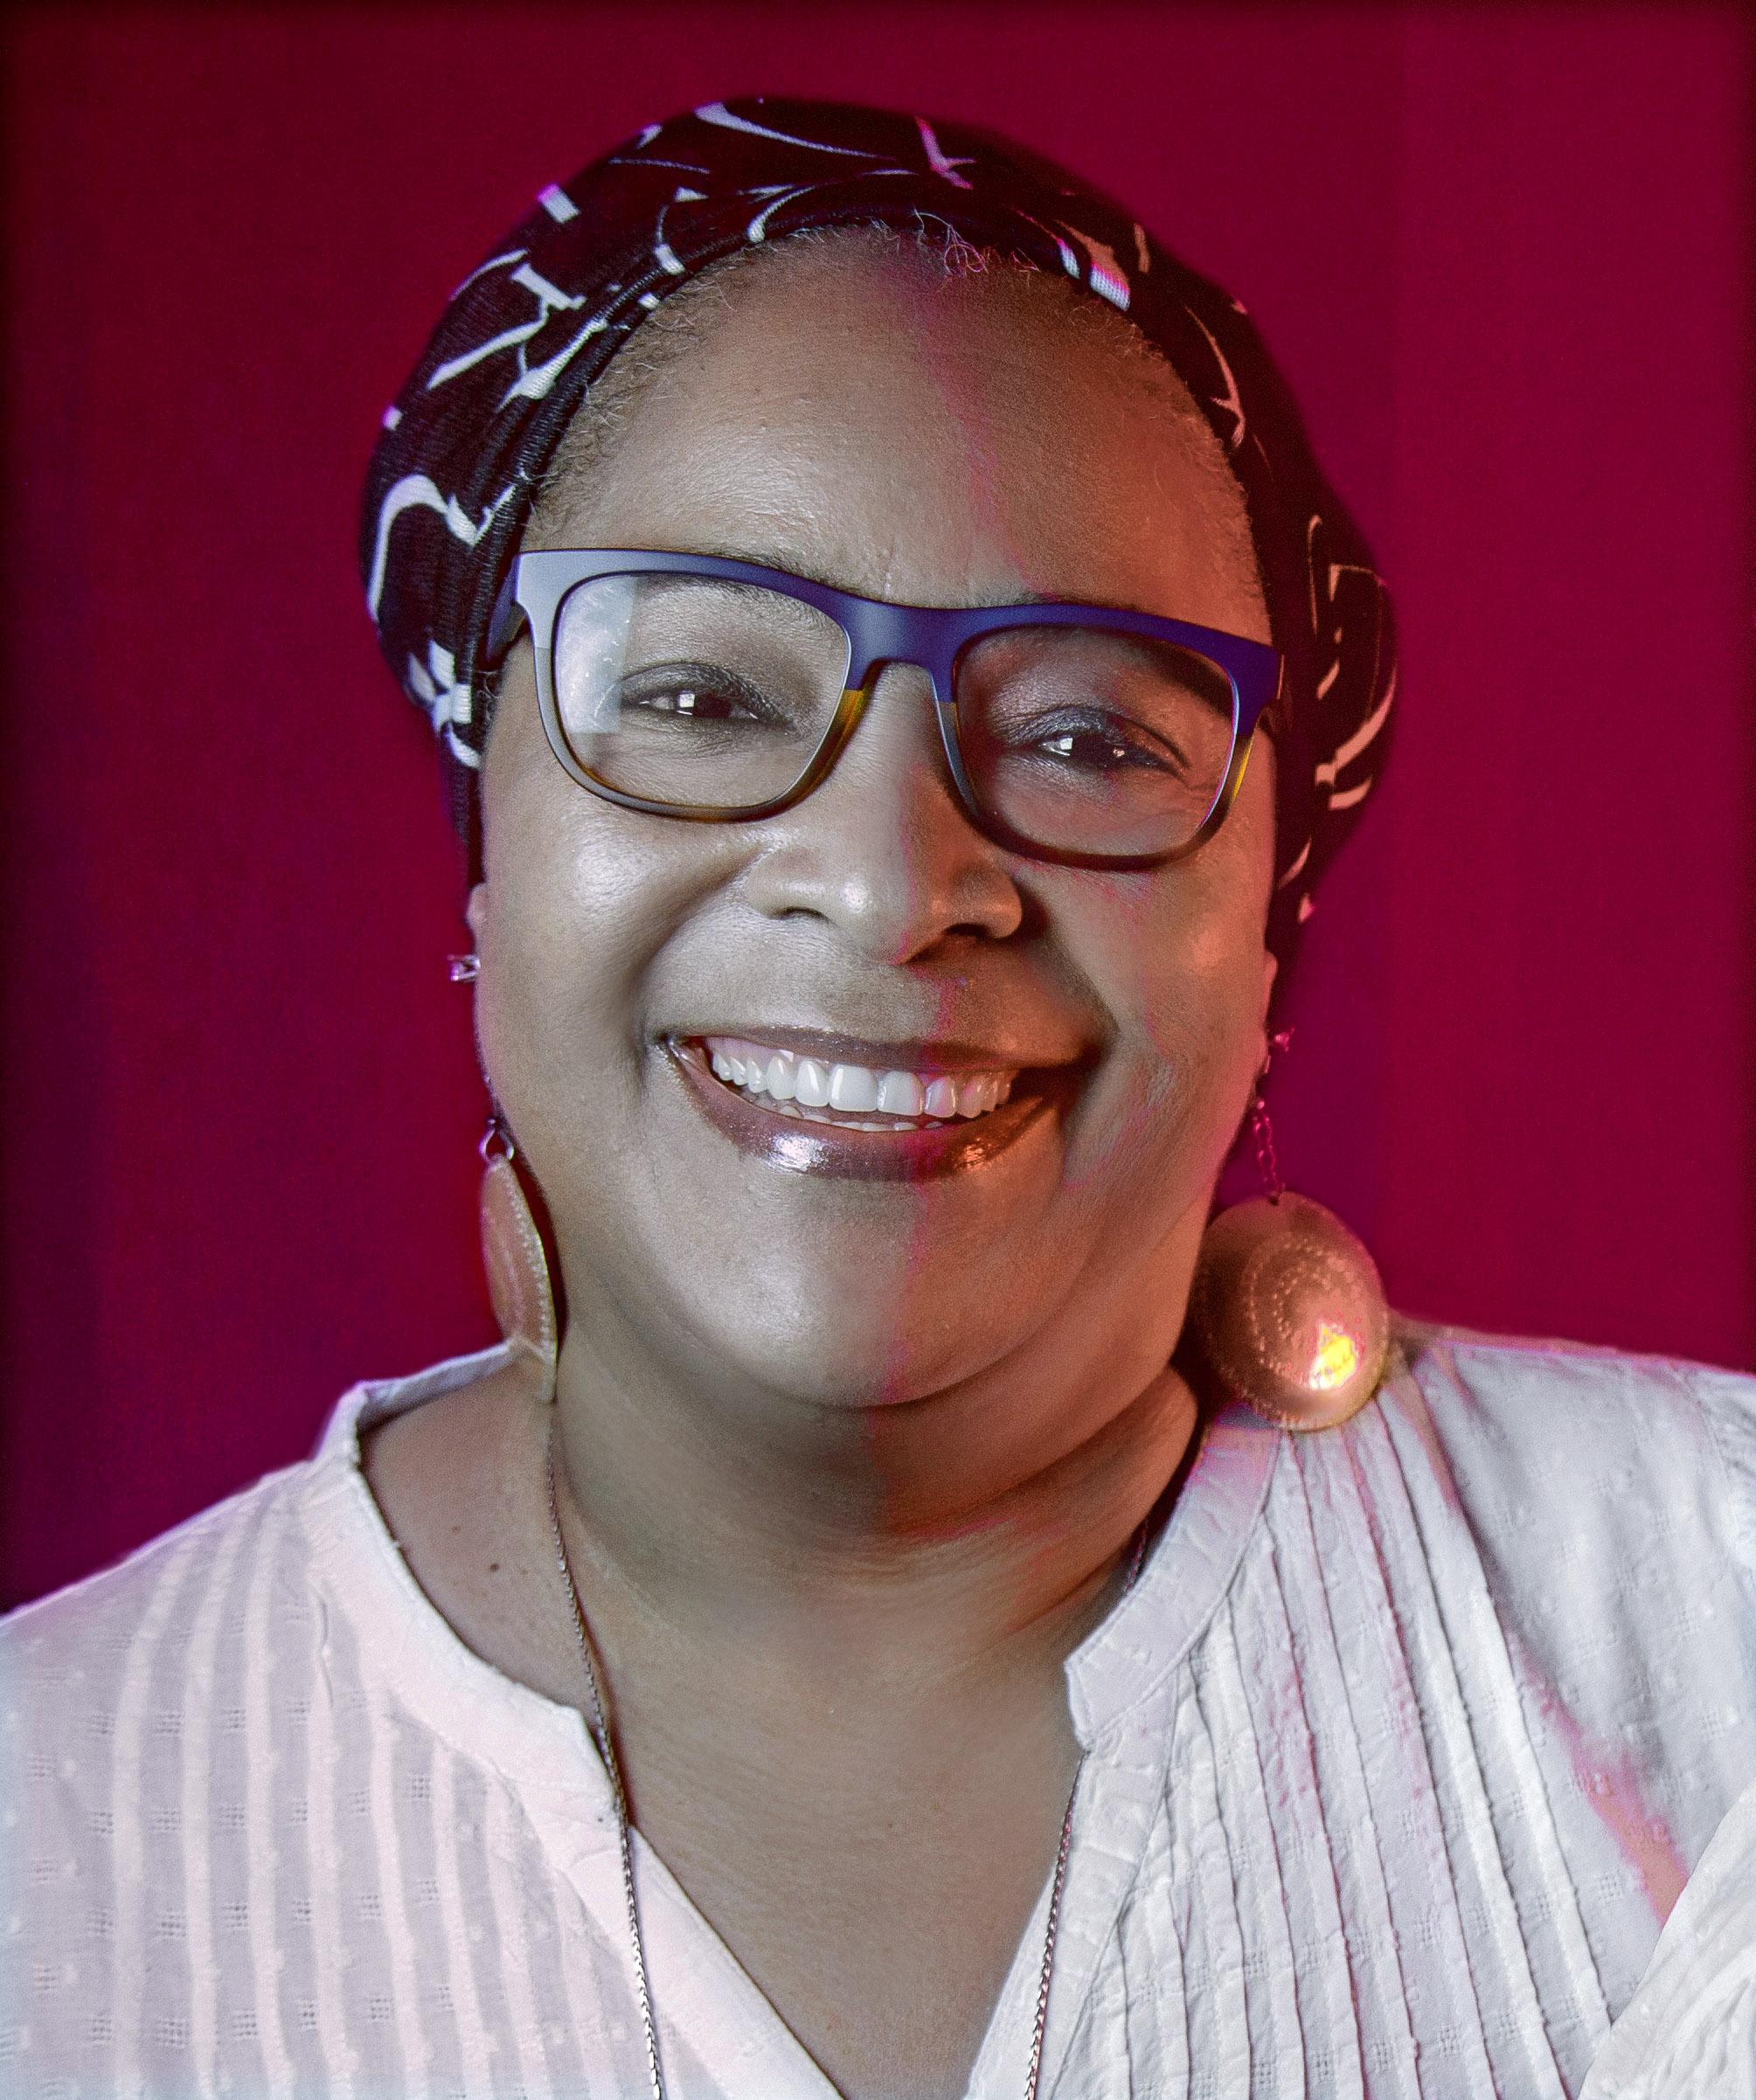 Photo of Cassandra Booker by Ben Krain.